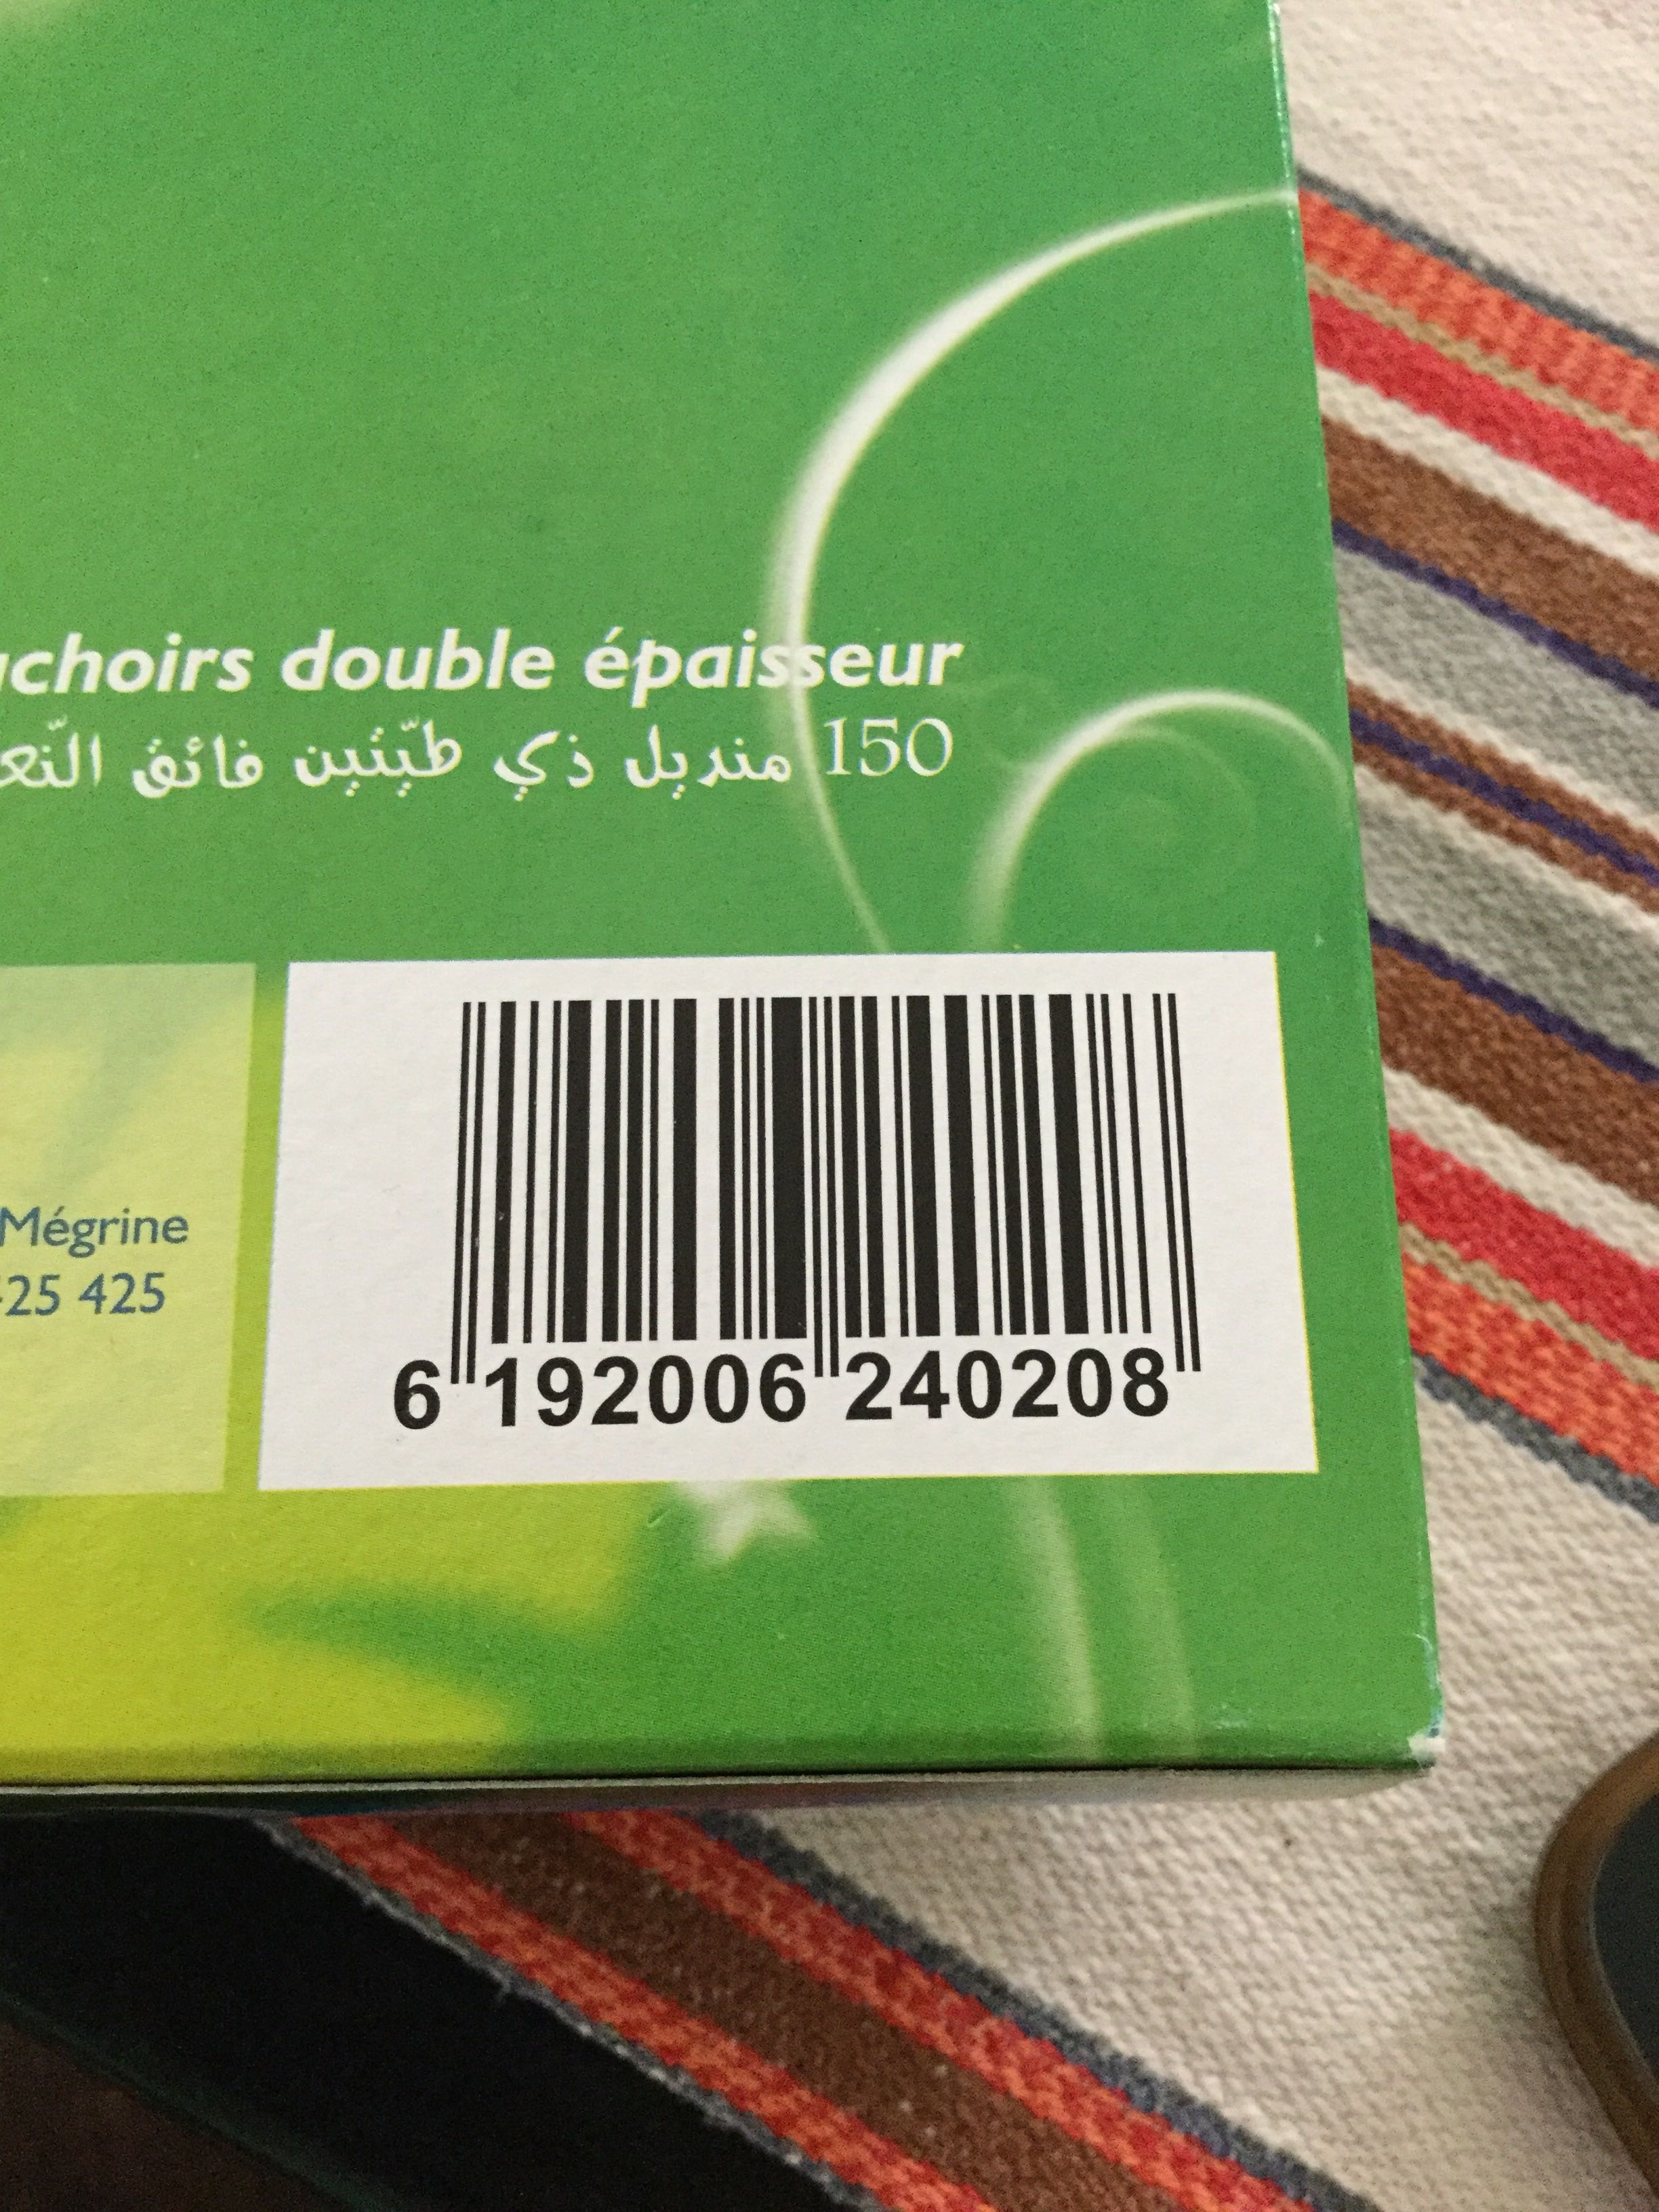 Mouchoir double épaisseur - Product